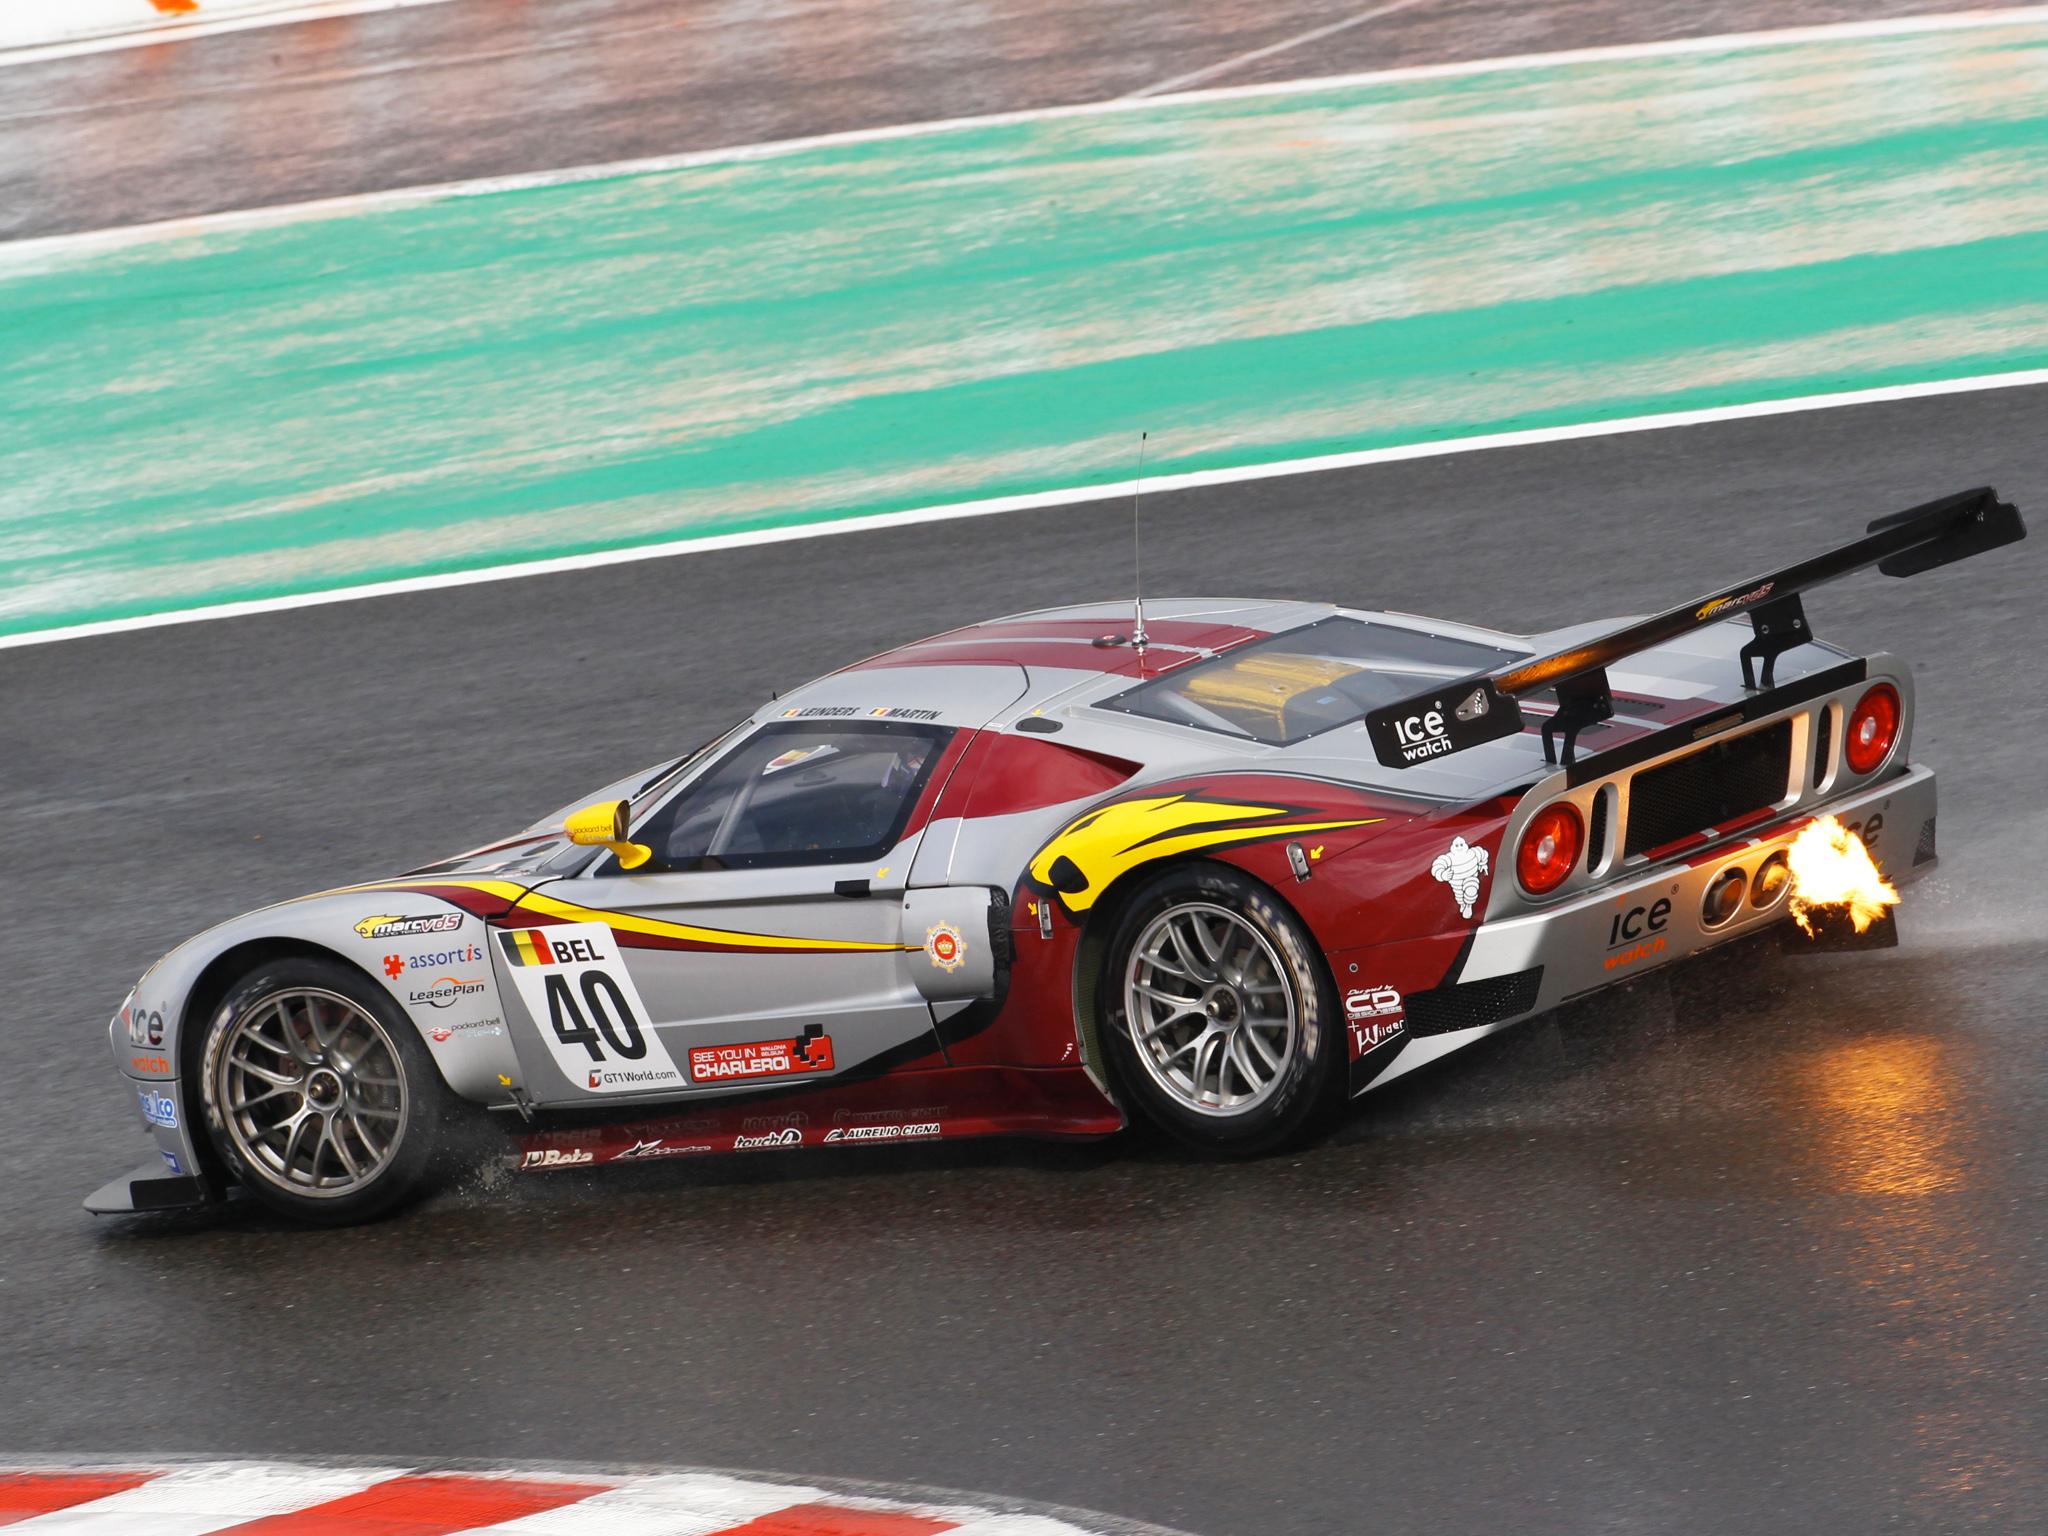 Super Car Racing >> 2007 Matech Racing Ford Gt Supercar Supercars Race Racing